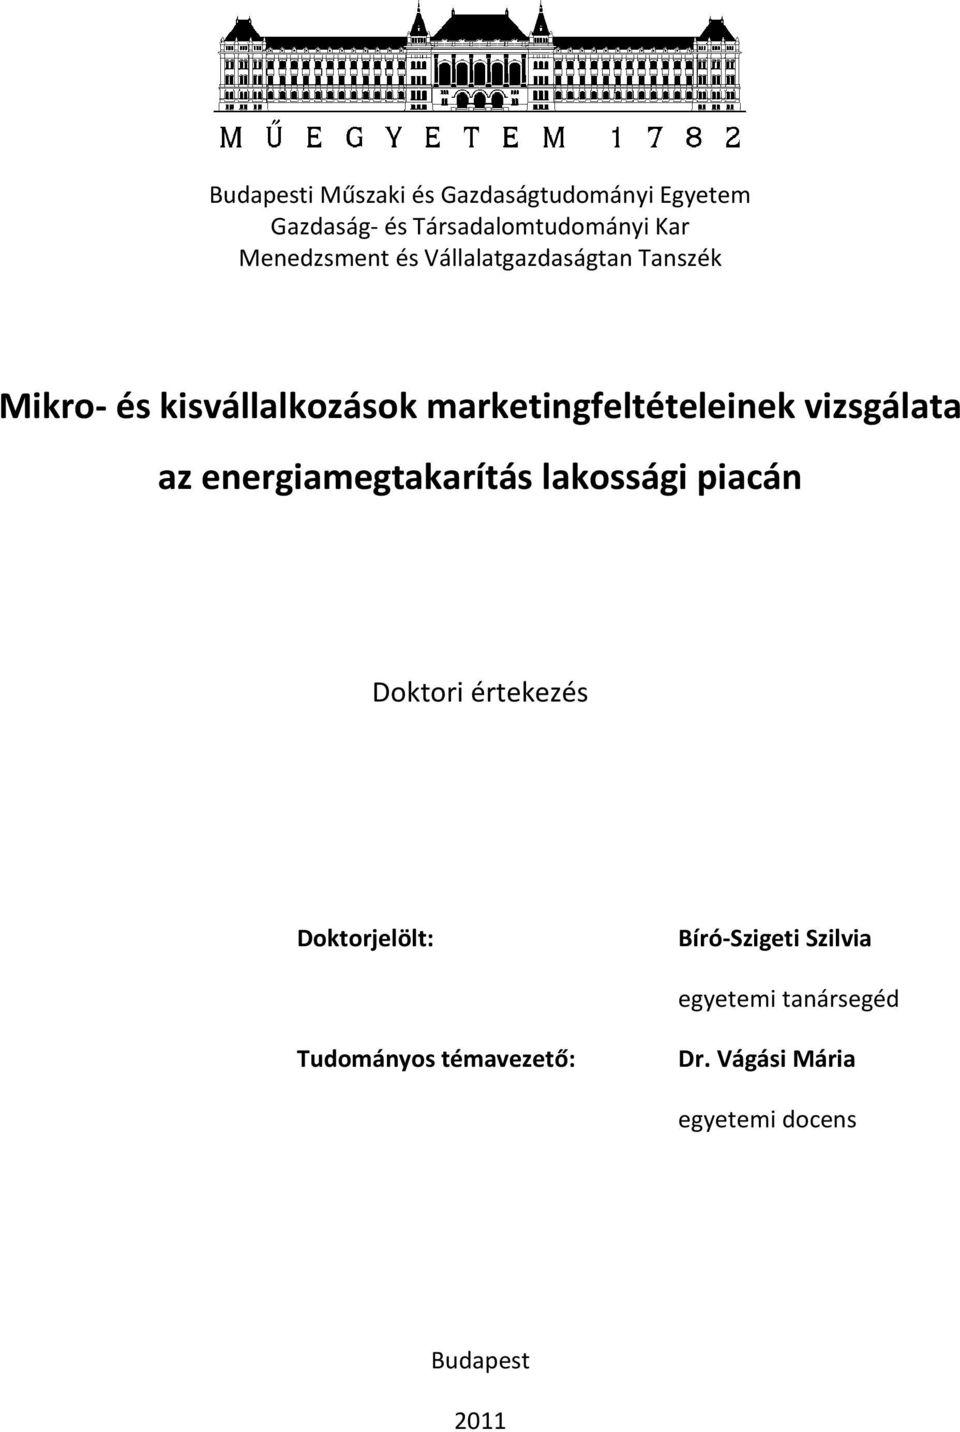 Napközben: Az elmúlt tíz évben 25 százalékra nőtt a rövidlátók aránya Magyarországon   MédiaKlikk